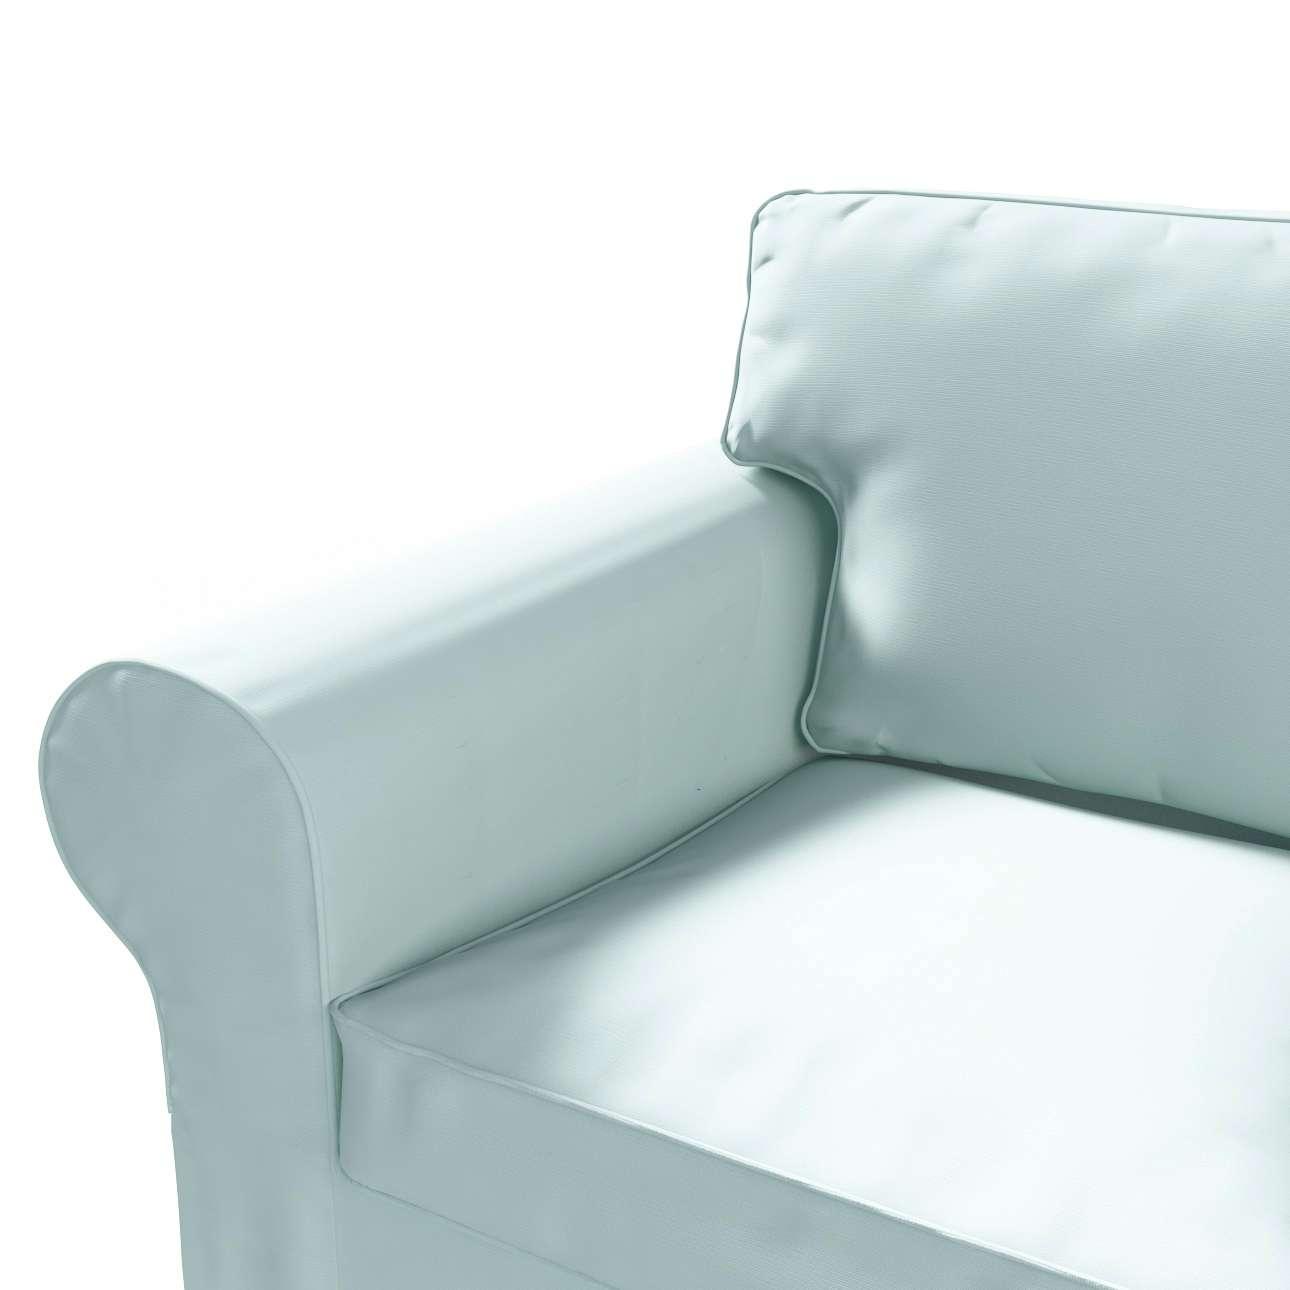 Pokrowiec na sofę Ektorp 2-osobową rozkładana NOWY MODEL 2012 sofa ektorp 2-osobowa rozkładana NOWY MODEL w kolekcji Cotton Panama, tkanina: 702-10